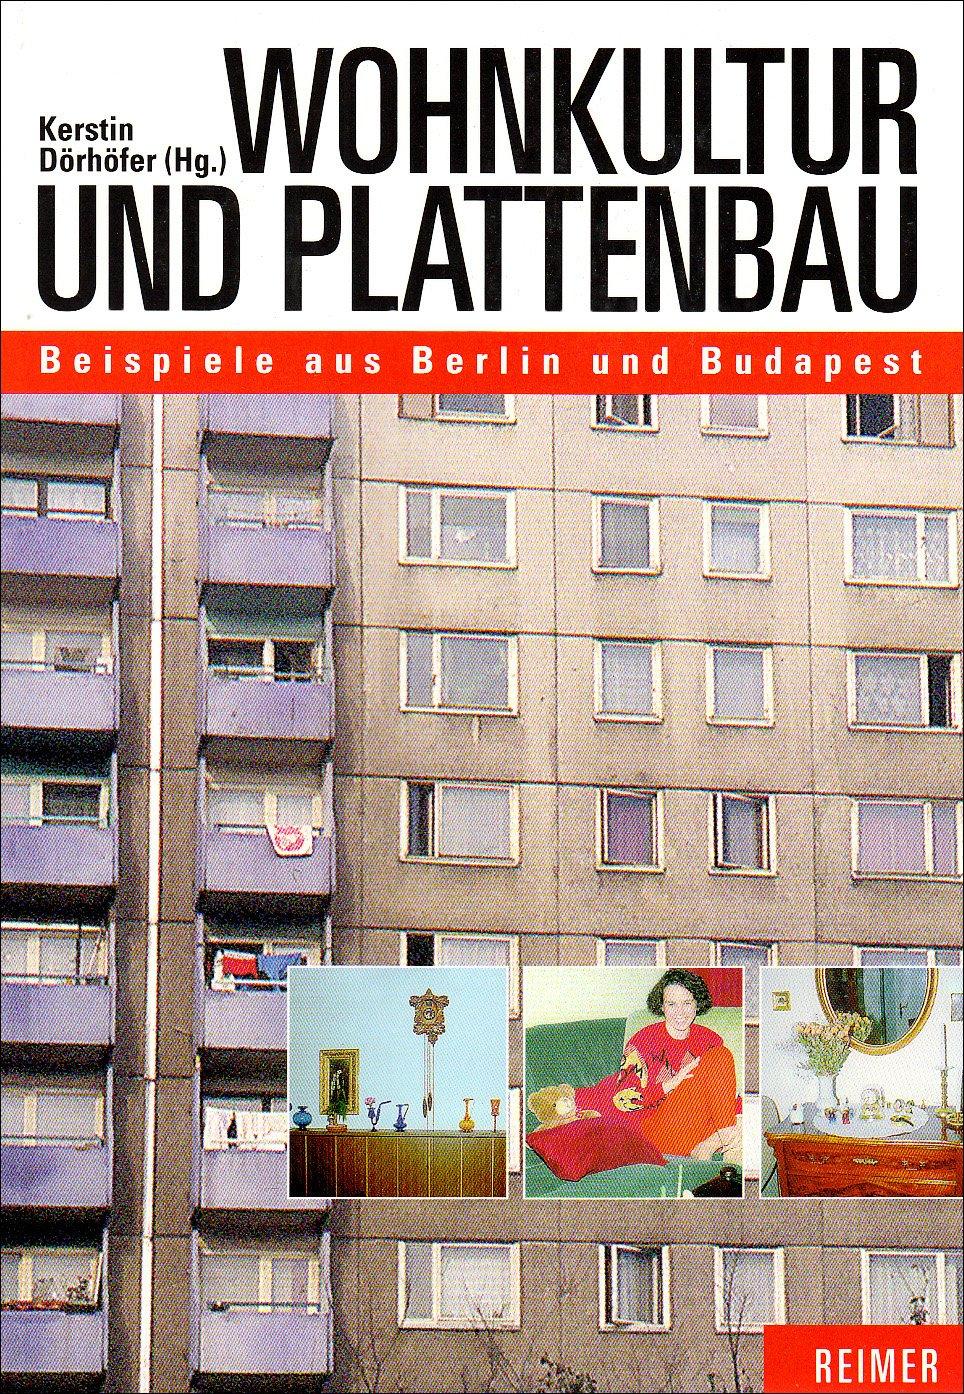 Wohnkultur und Plattenbau: Beispiele aus Berlin-Hohenschönhausen und Budapest